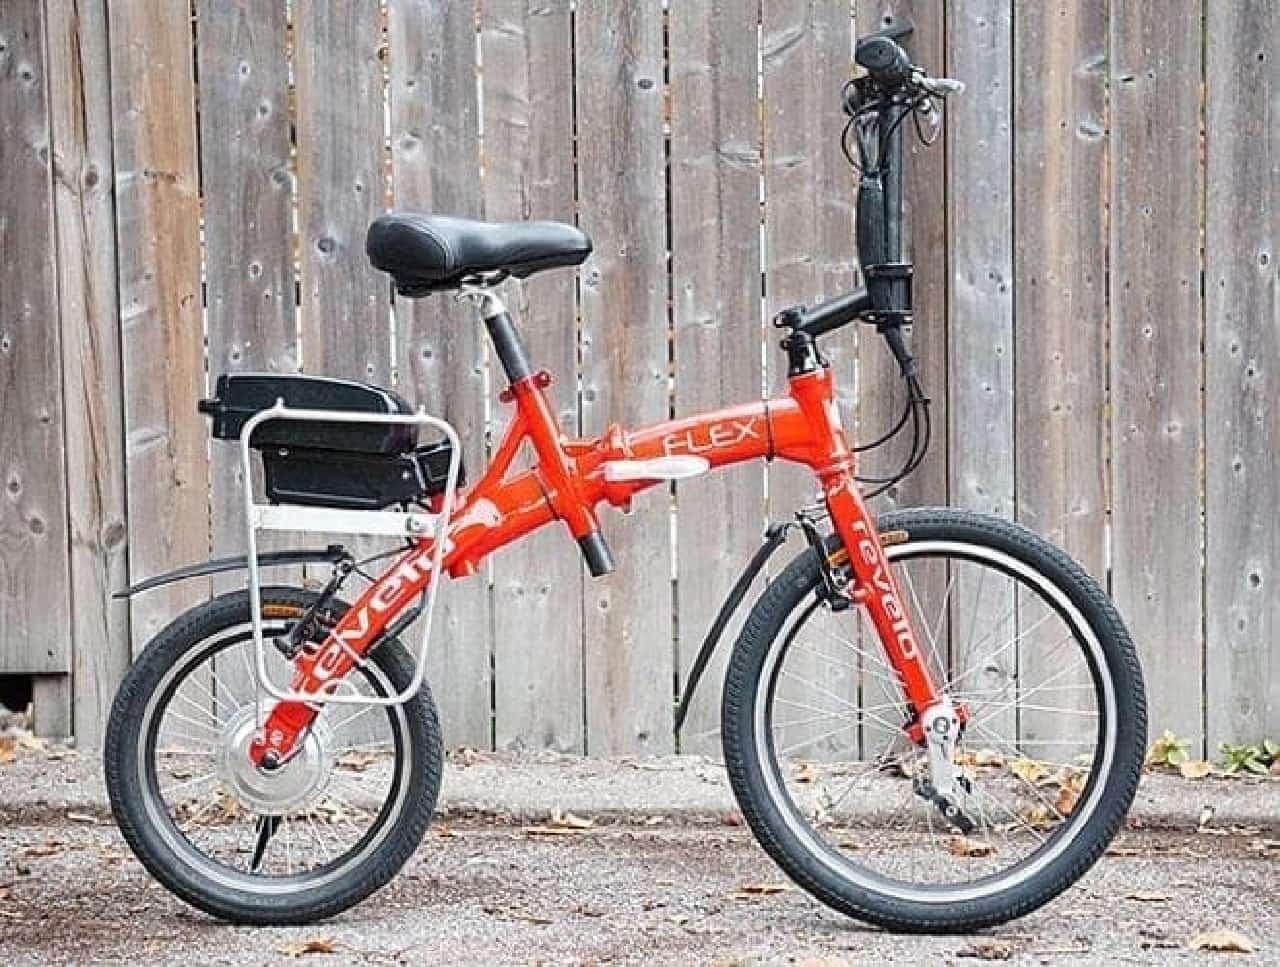 折り畳むとスーツケースに入れられる電動アシスト自転車「FLEX」